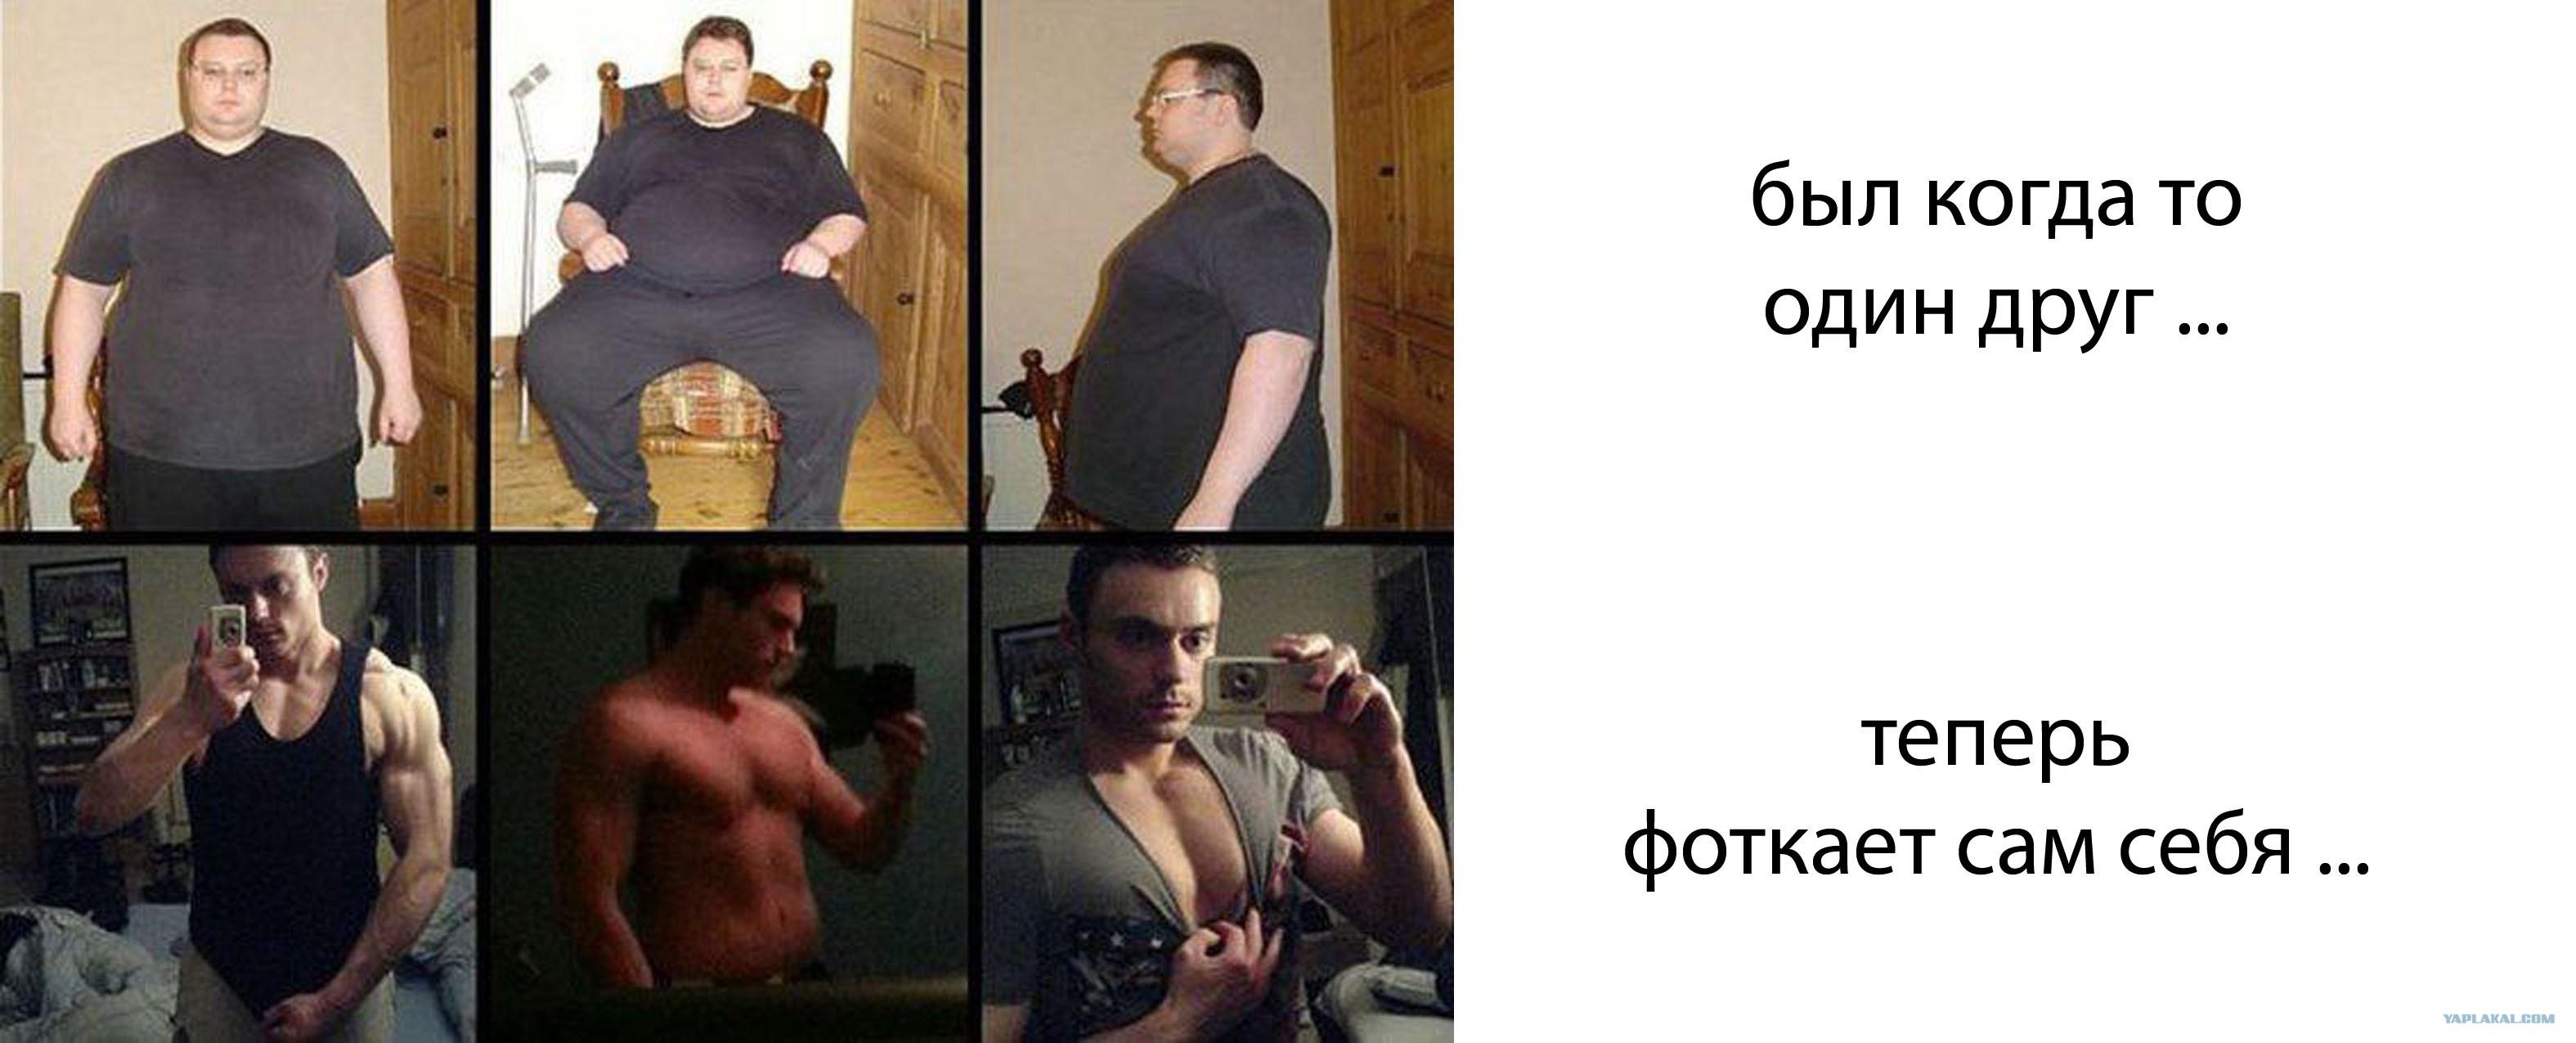 Толстяк на худышке 1 фотография